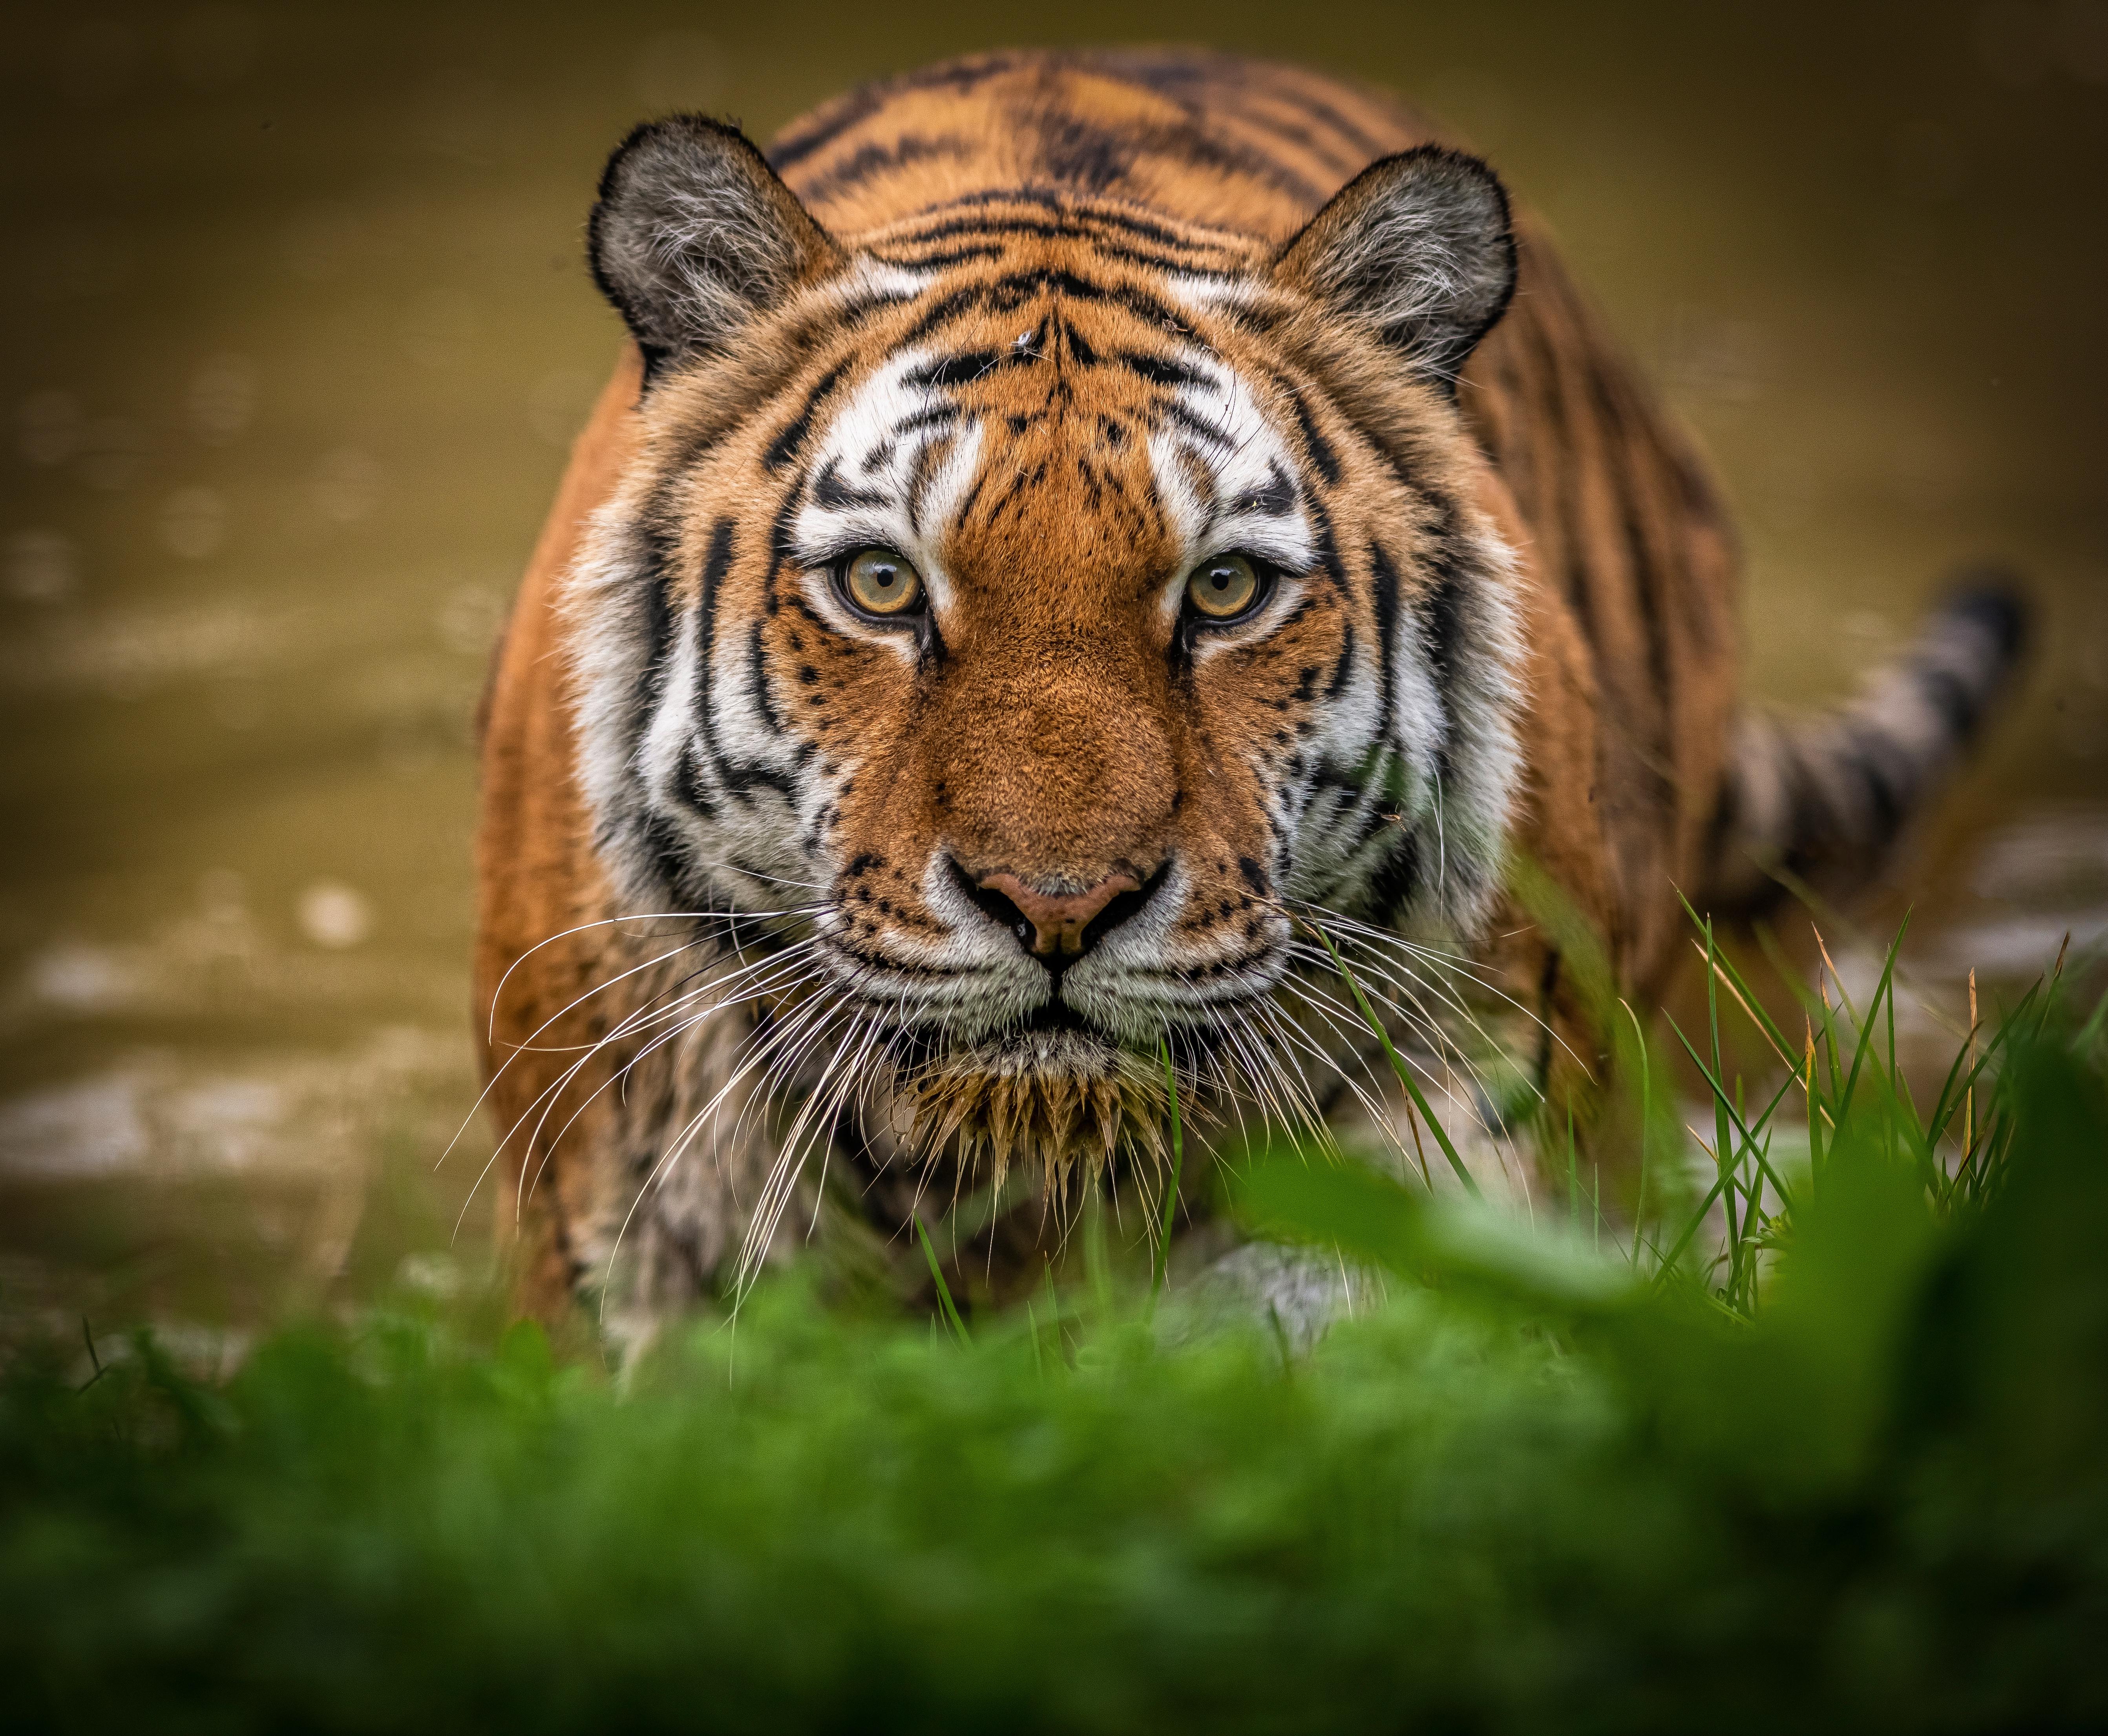 老虎图片 老虎高清壁纸 动物壁纸-第3张